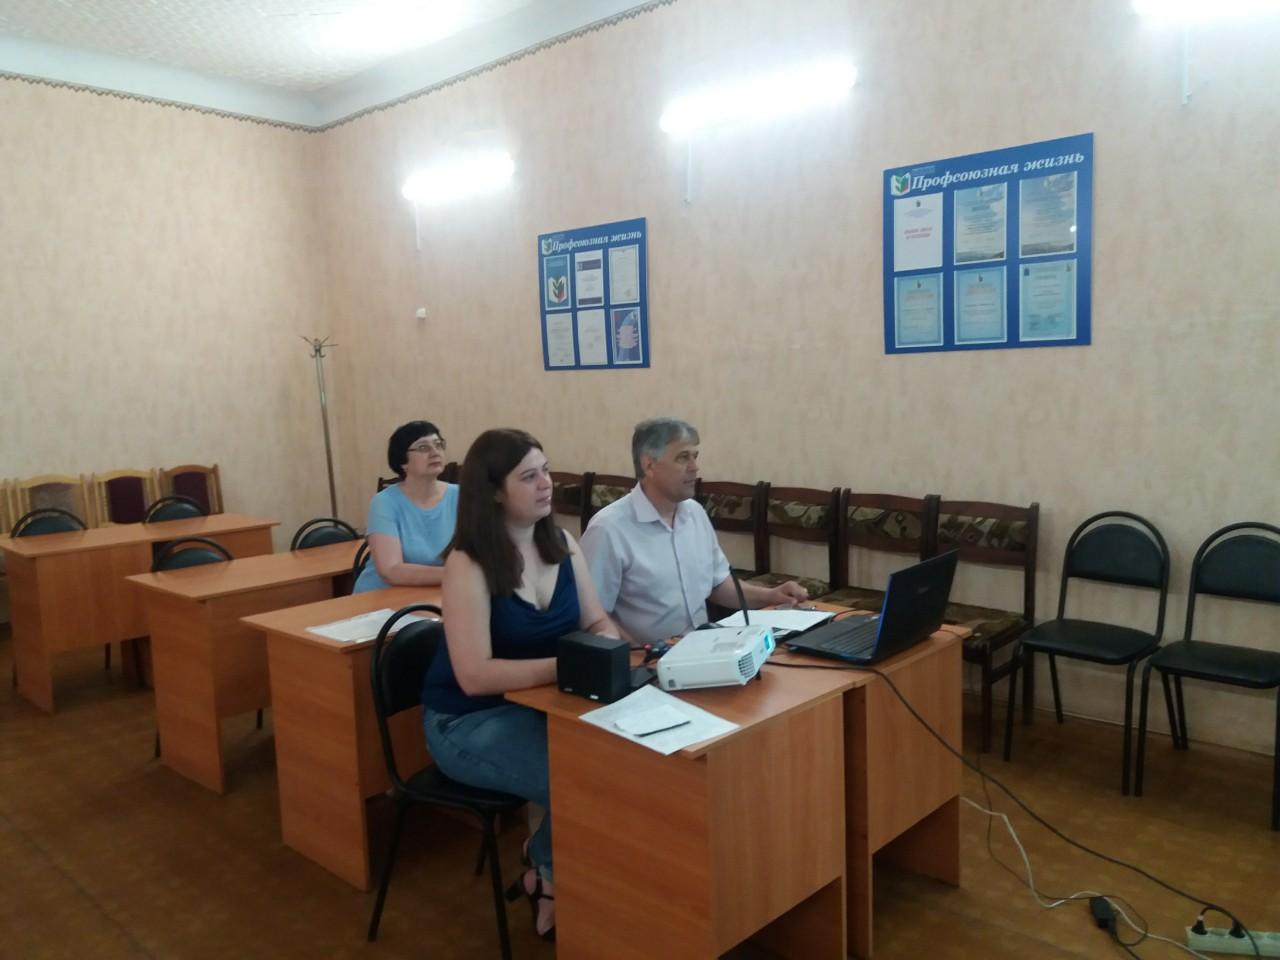 Петровчане приняли участие в дистанционном мероприятии Саратовского исторического парка «Россия — моя история»